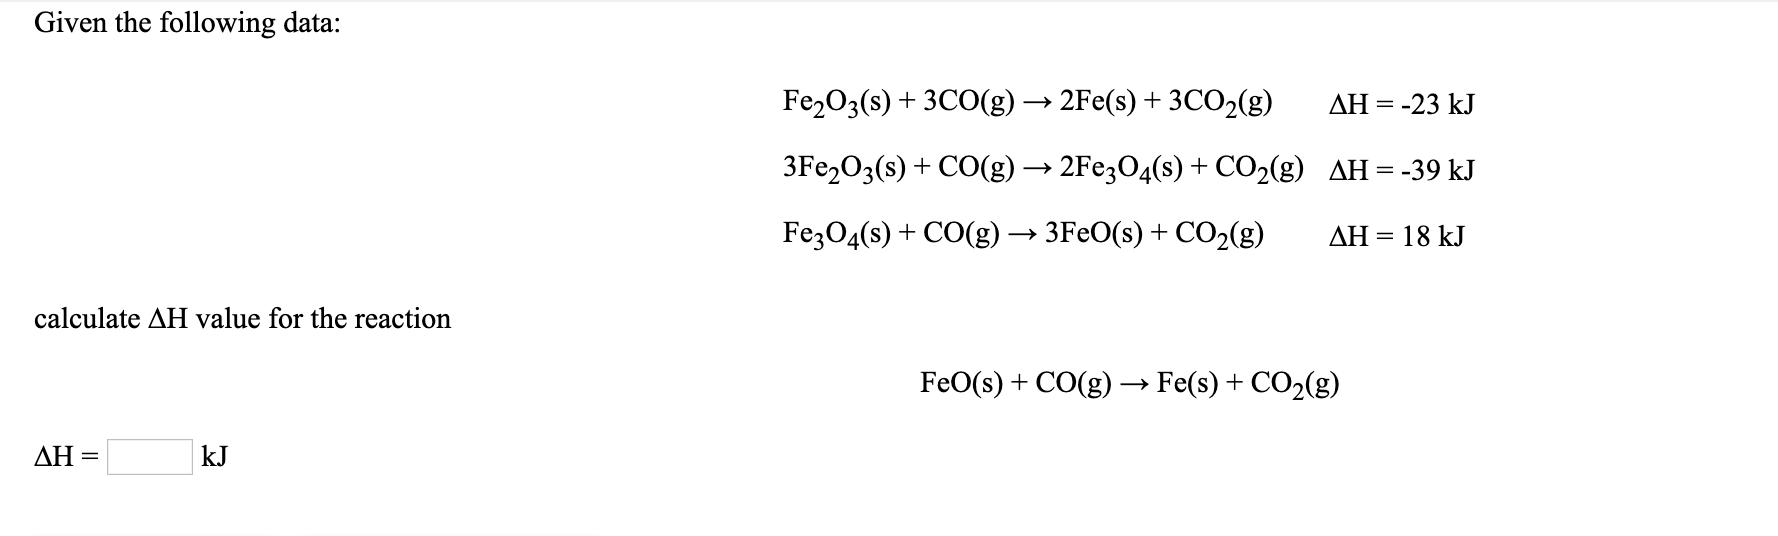 Given the following data: Fe2O3(s) + 3CO(g) → 2Fe(s) + 3CO2(g) ΔΗ -23 kJ 3FE2O3(s) + CO(g) → 2FE3O4(s) + CO2(g) AH=-39 kJ FezO4(s) + CO(g) → 3F€O(s) + CO2(g) AH = 18 kJ calculate AH value for the reaction FeO(s) + CO(g) → Fe(s) + CO2(g) ΔΗ kJ